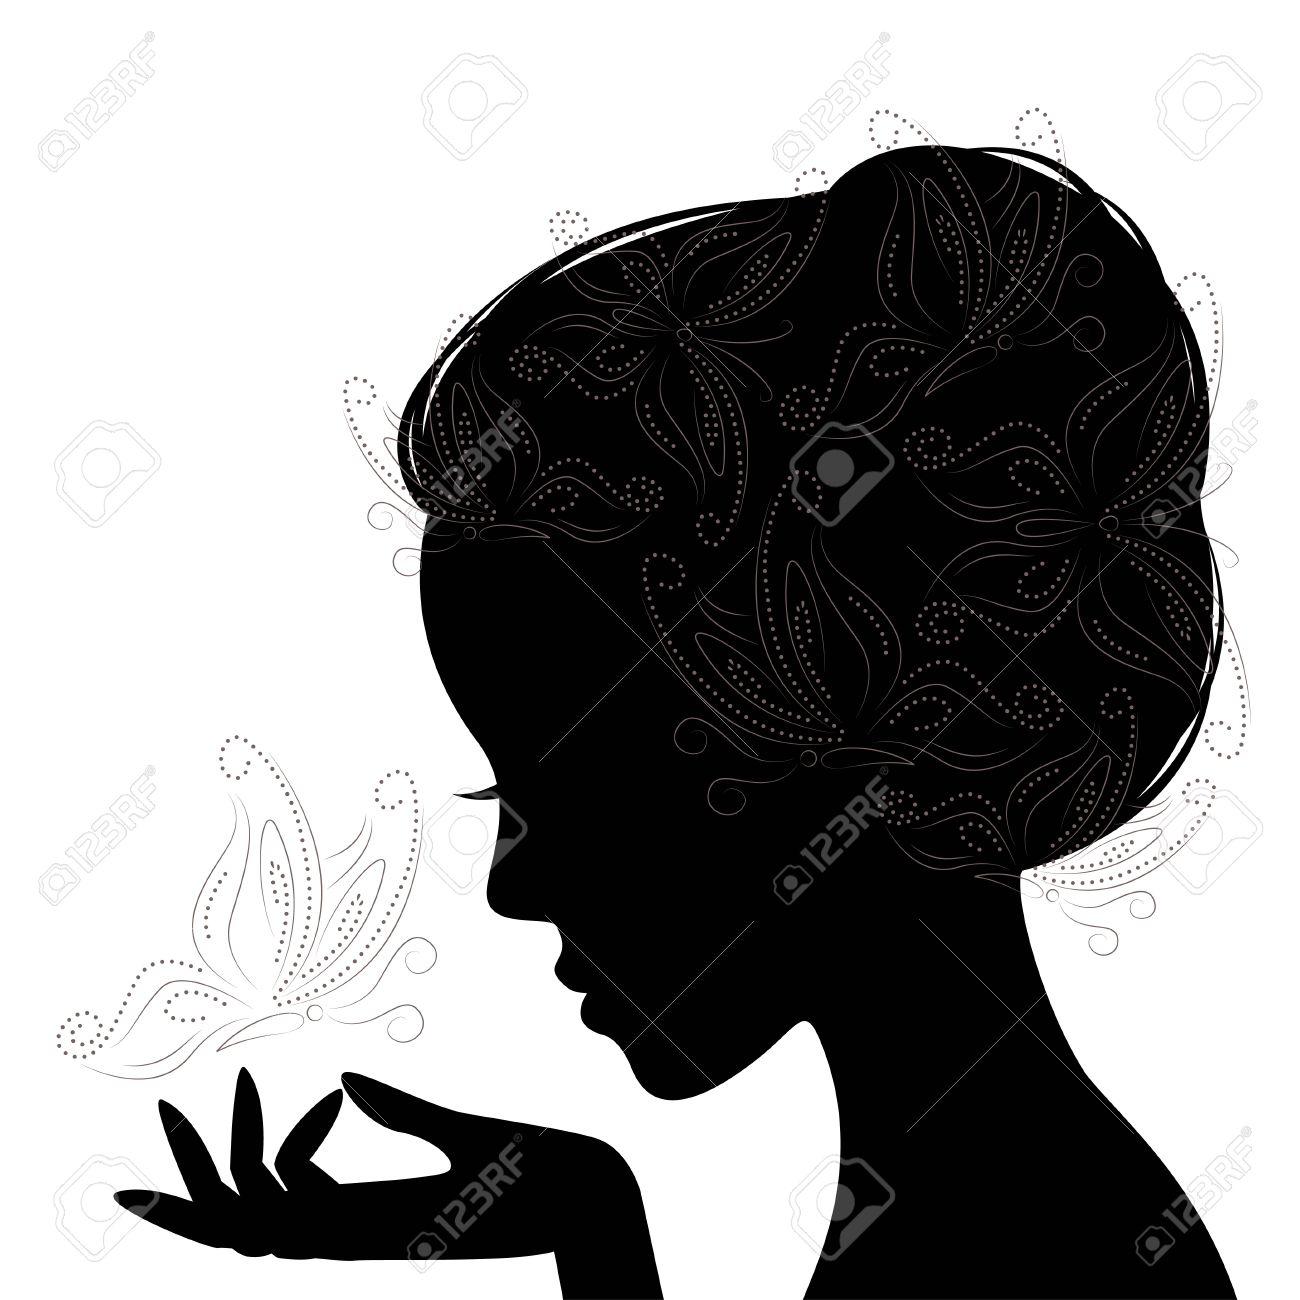 Profil Silhouette De Femme Avec Papillon Dessin à La Main